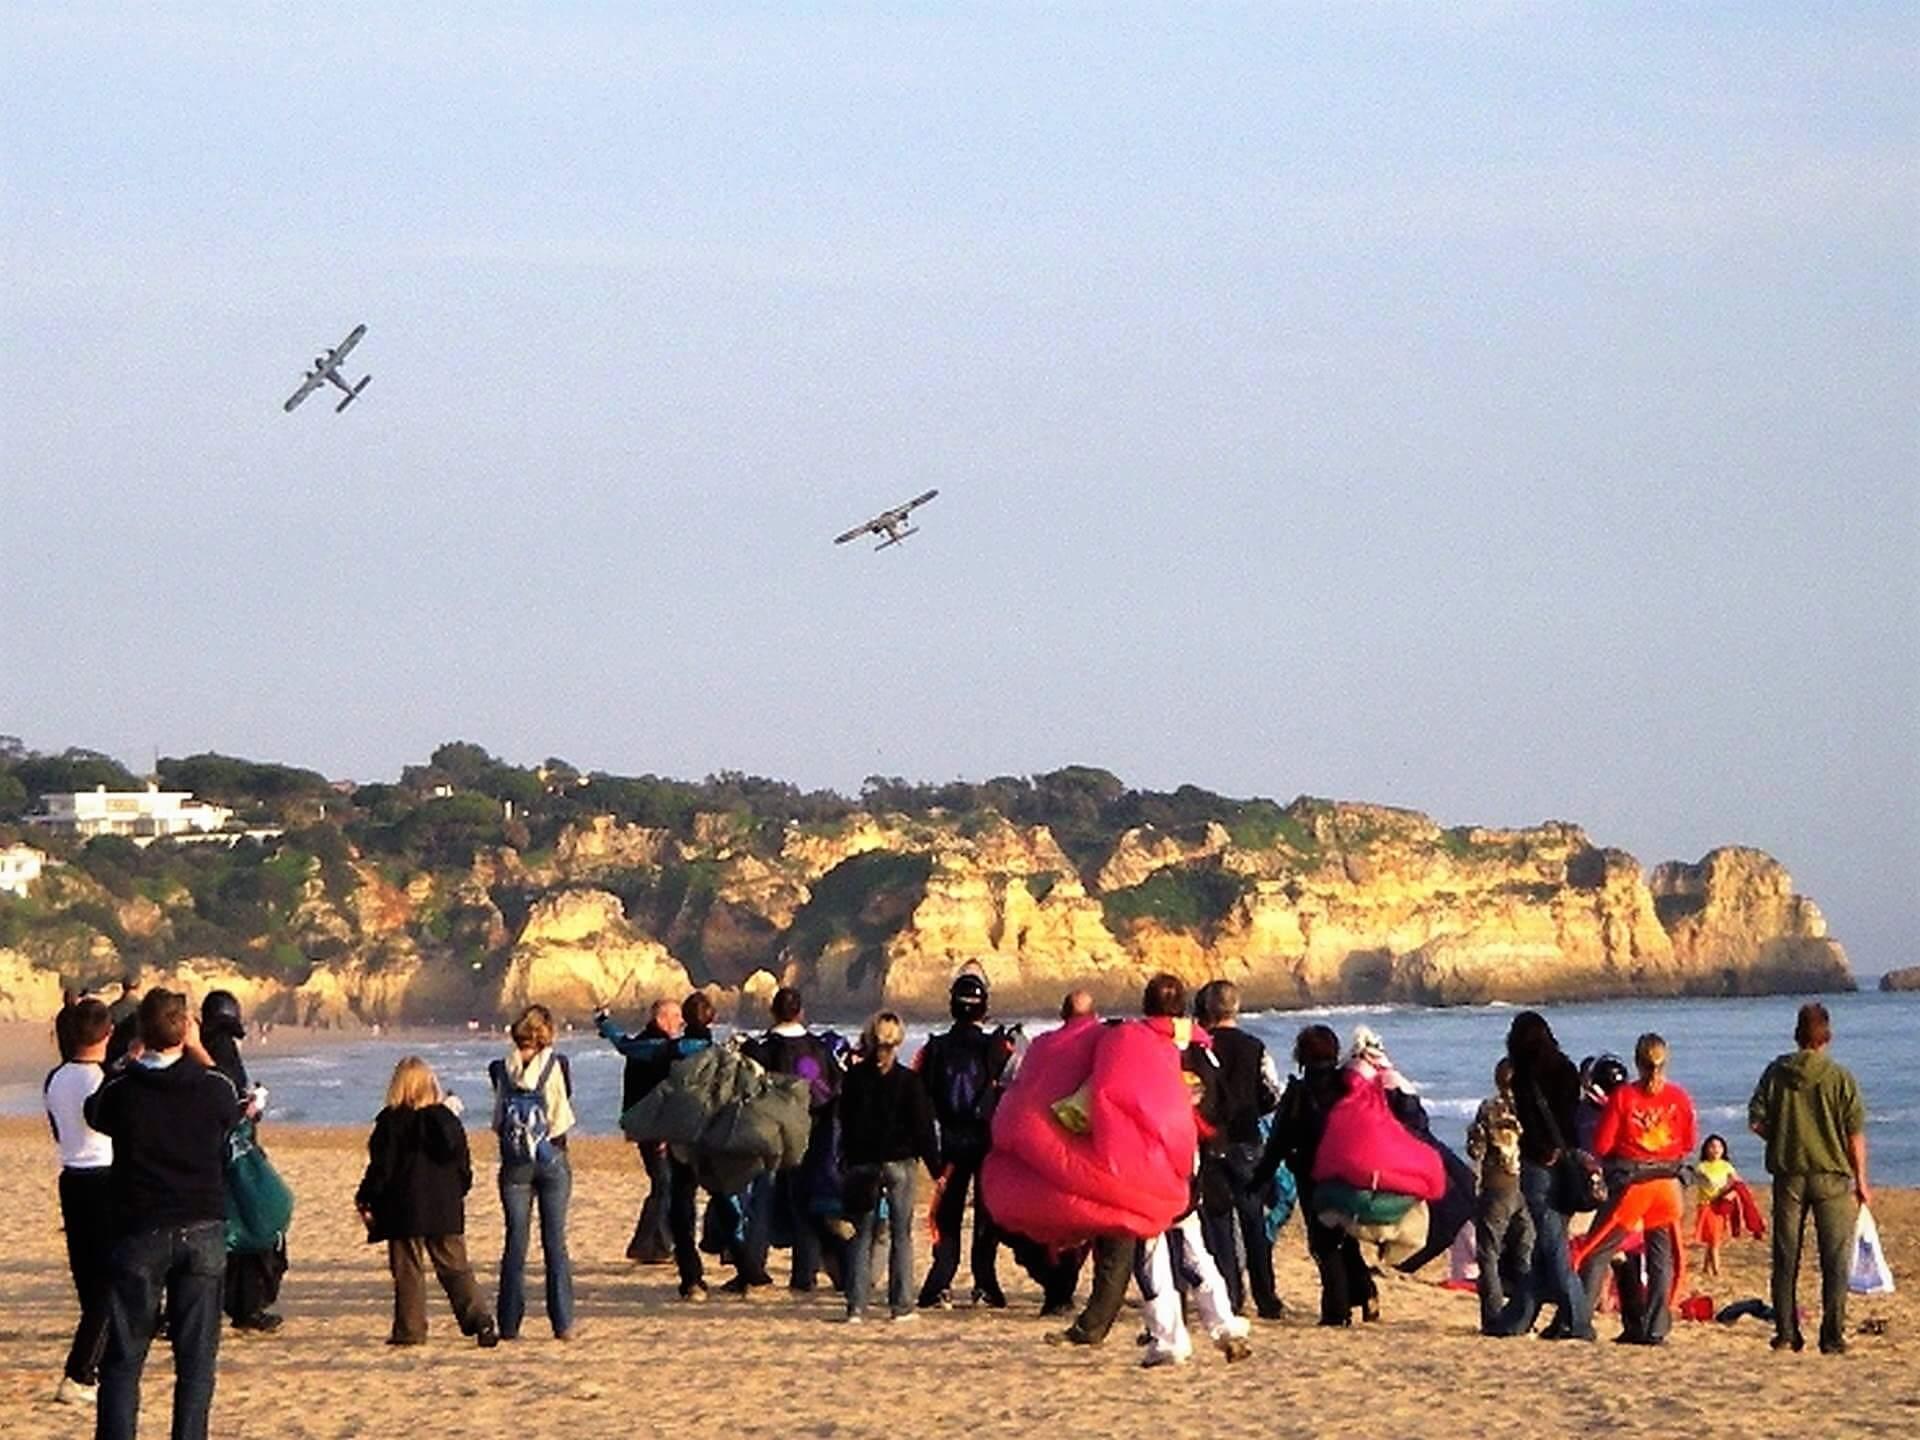 Algarve Luftereignis Strandspringen